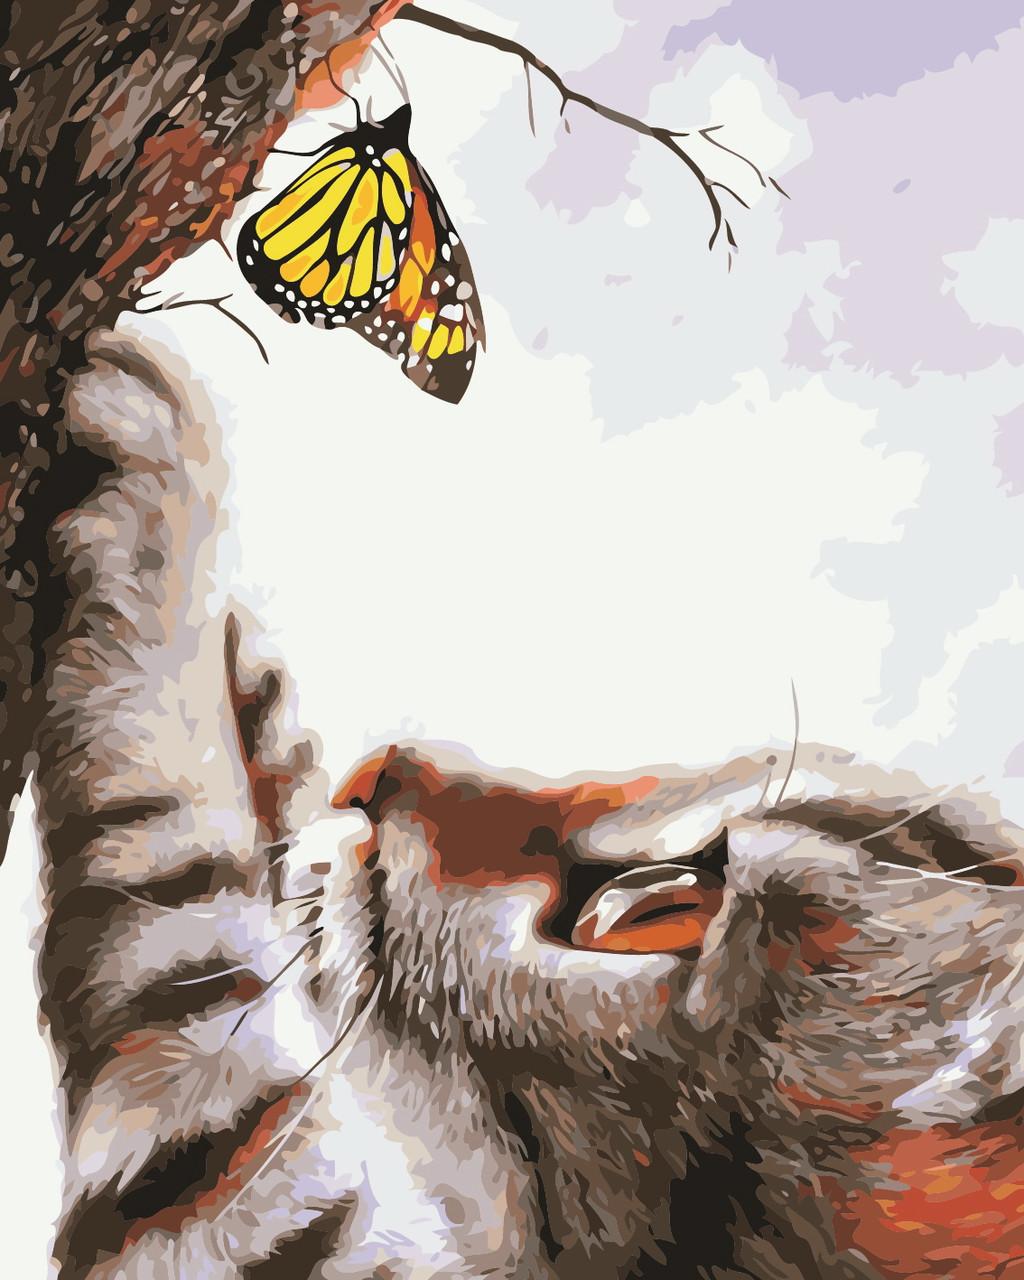 Художественный творческий набор, картина по номерам Кот и бабочка, 40x50 см, «Art Story» (AS0413)